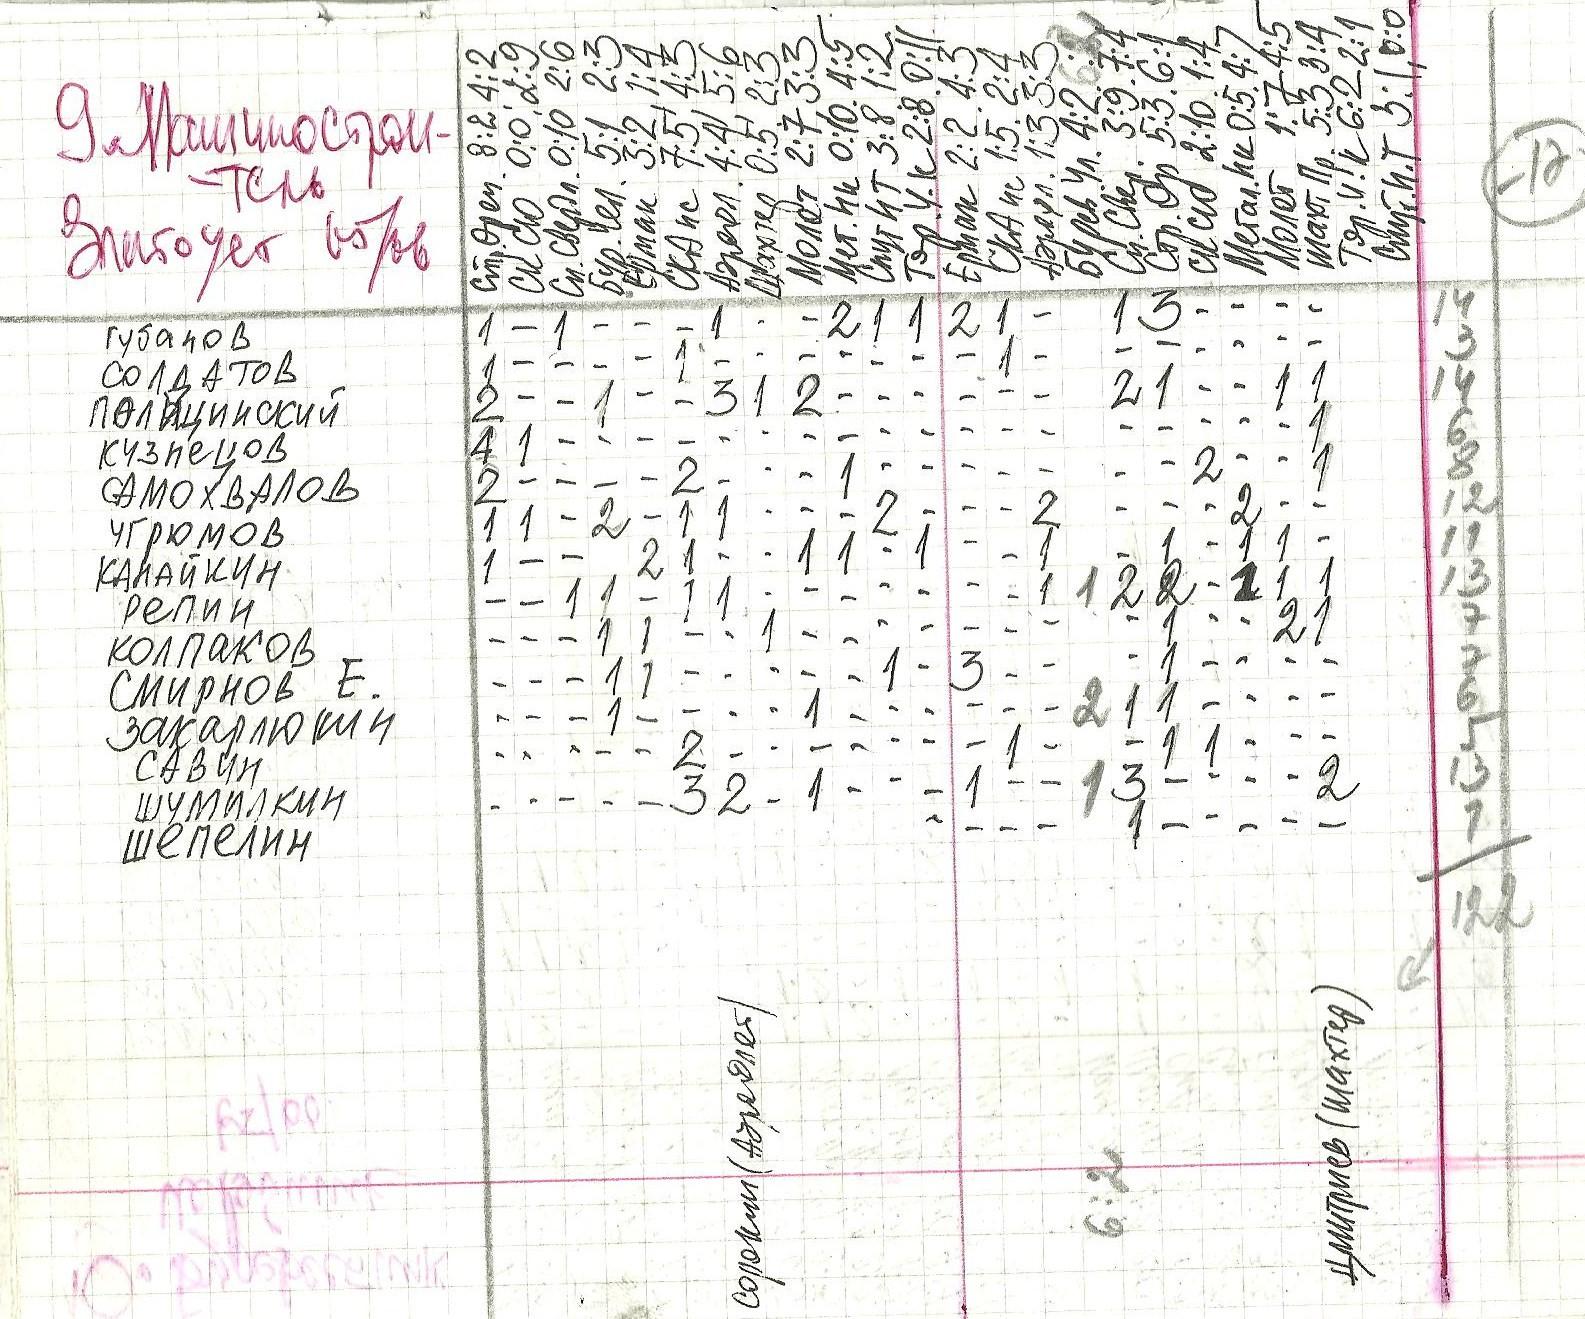 9.Златоуст 1965-66.jpg